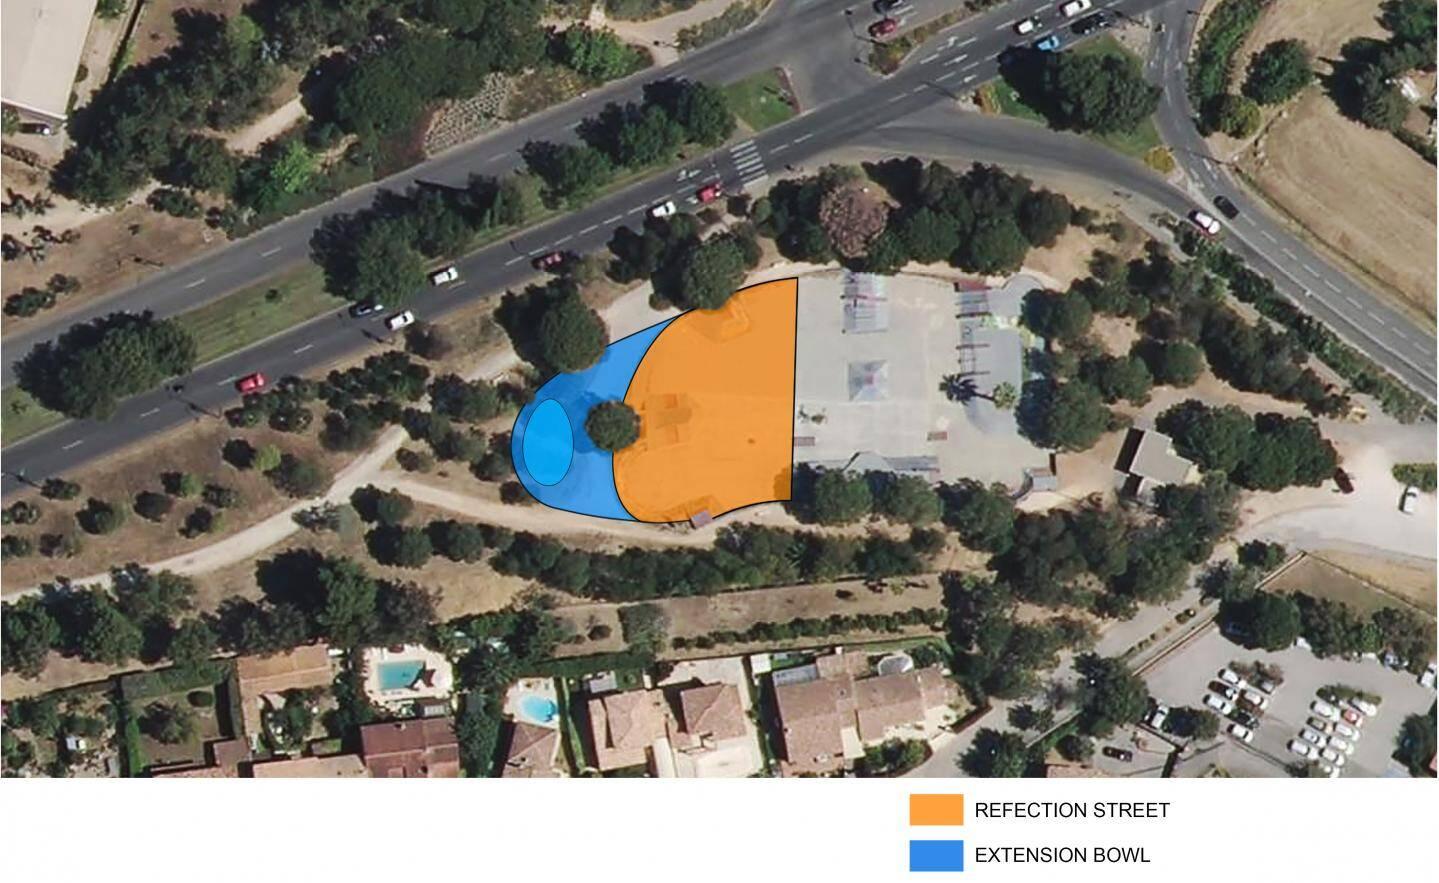 Le projet prévoit la réfection de l'existant (en orange) et l'extension avec la création d'un « bowl » (en bleu), comme l'a indiqué hier le maire, lors du 20e anniversaire du skate park.